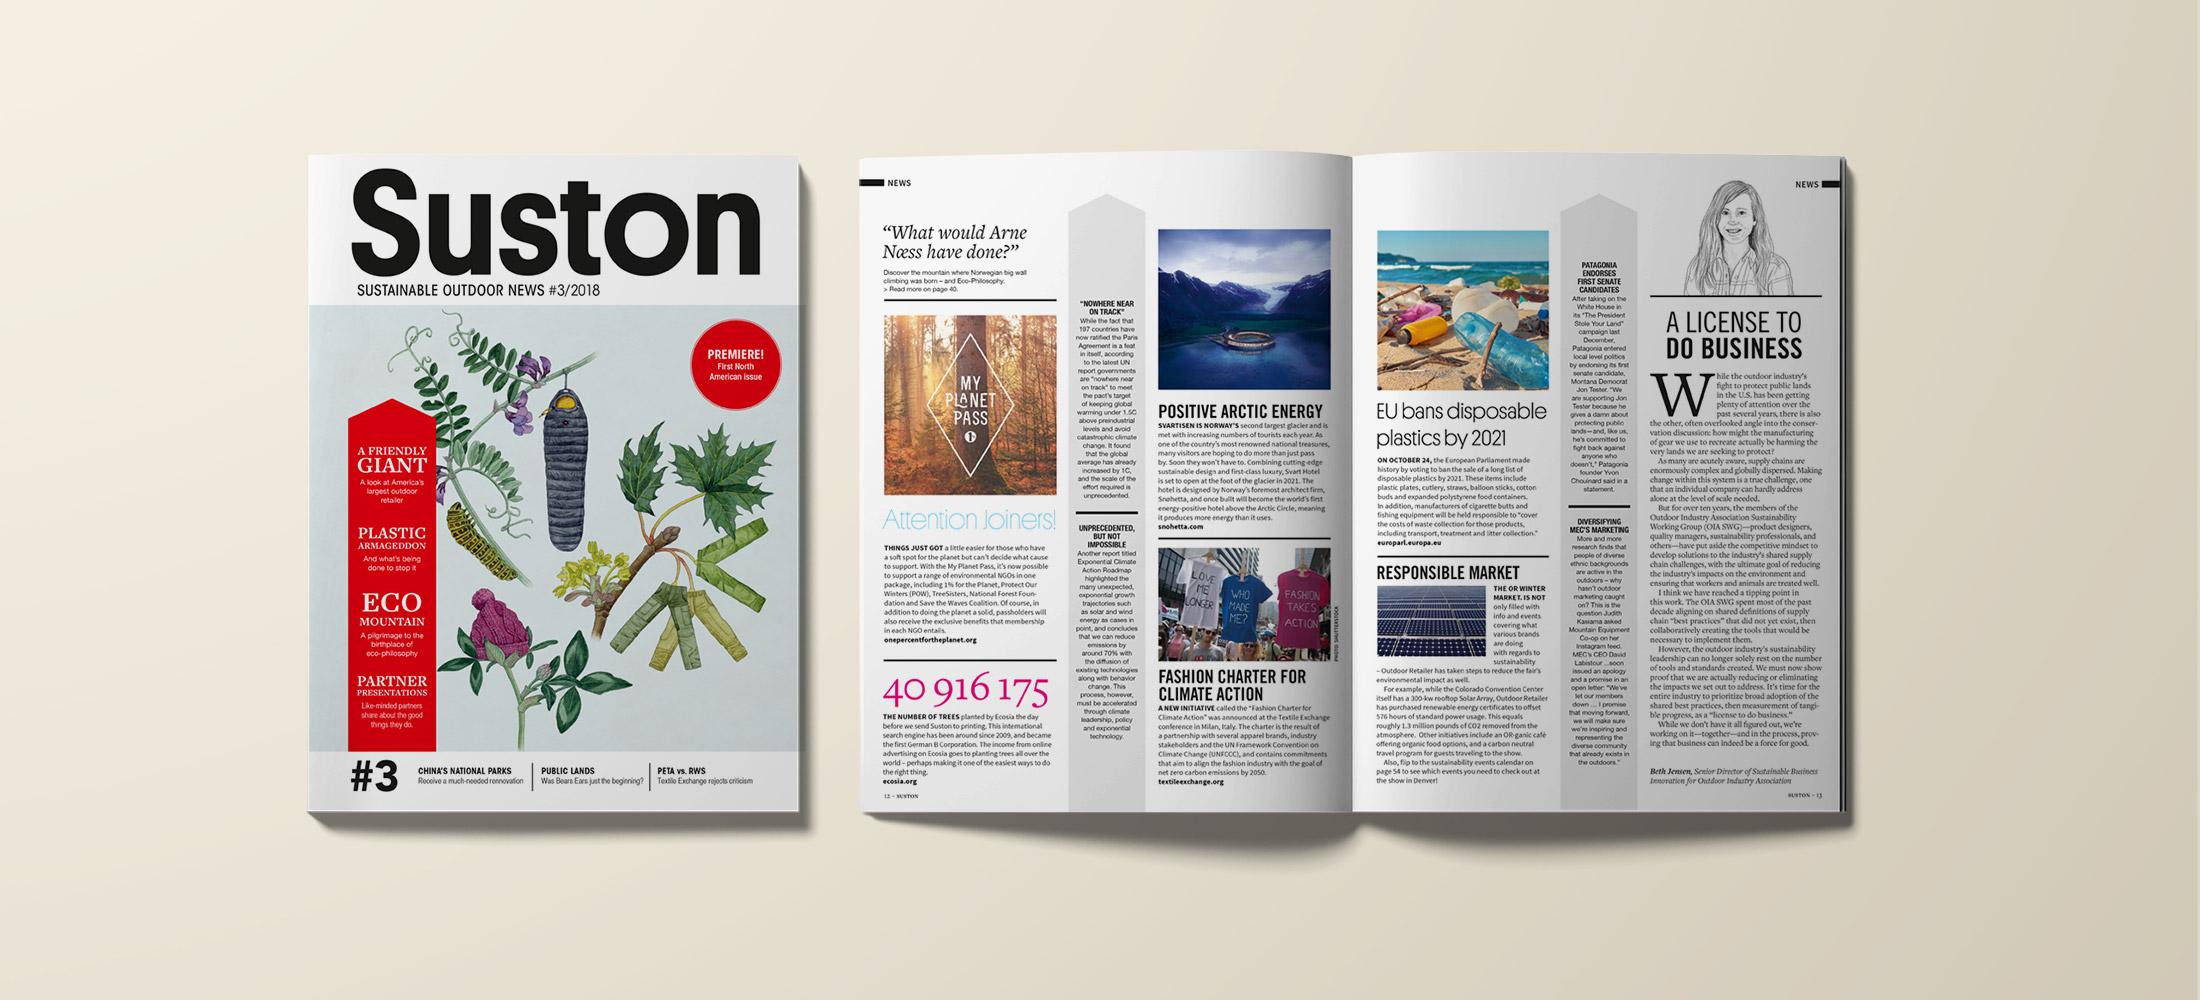 Suston sustainable outdoor news